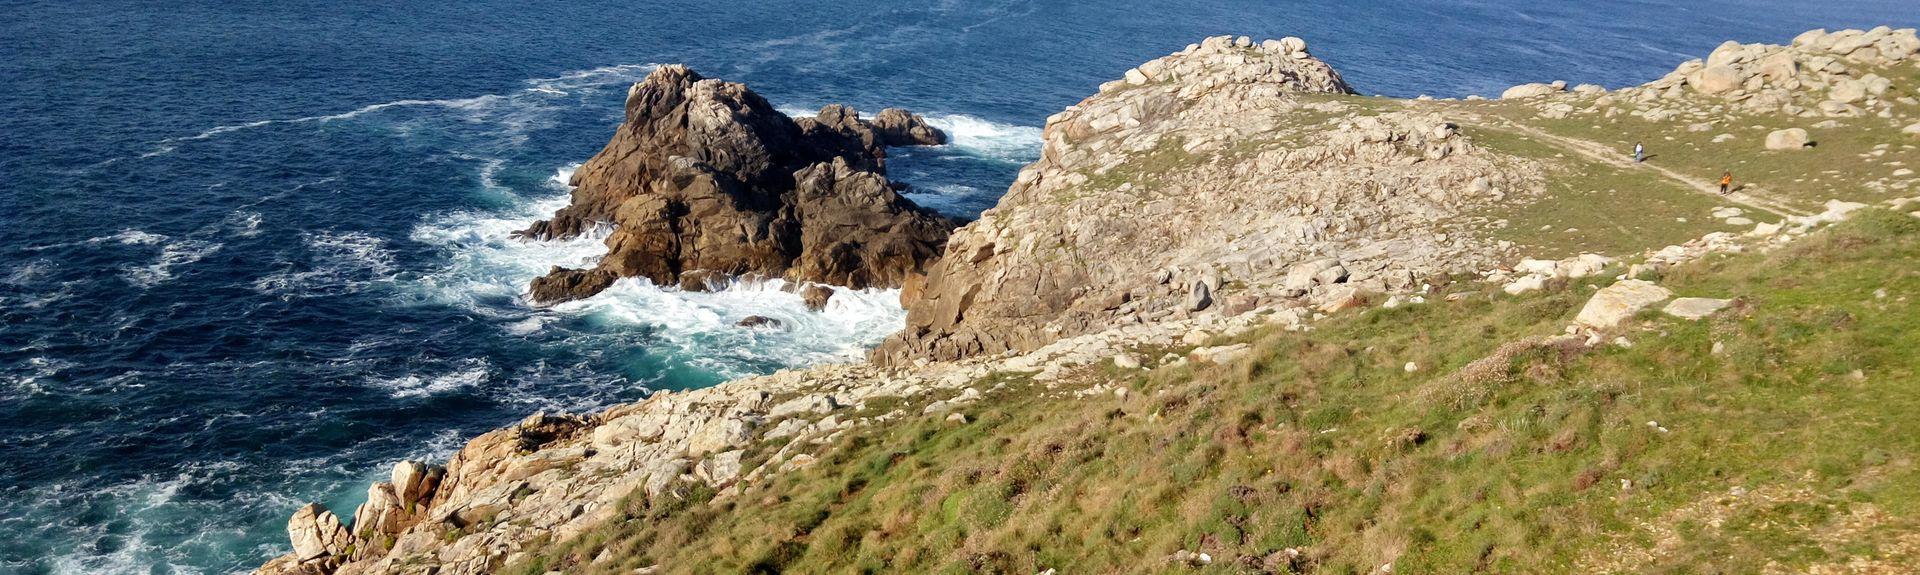 Sembra, A Coruña, Galicia, Spain